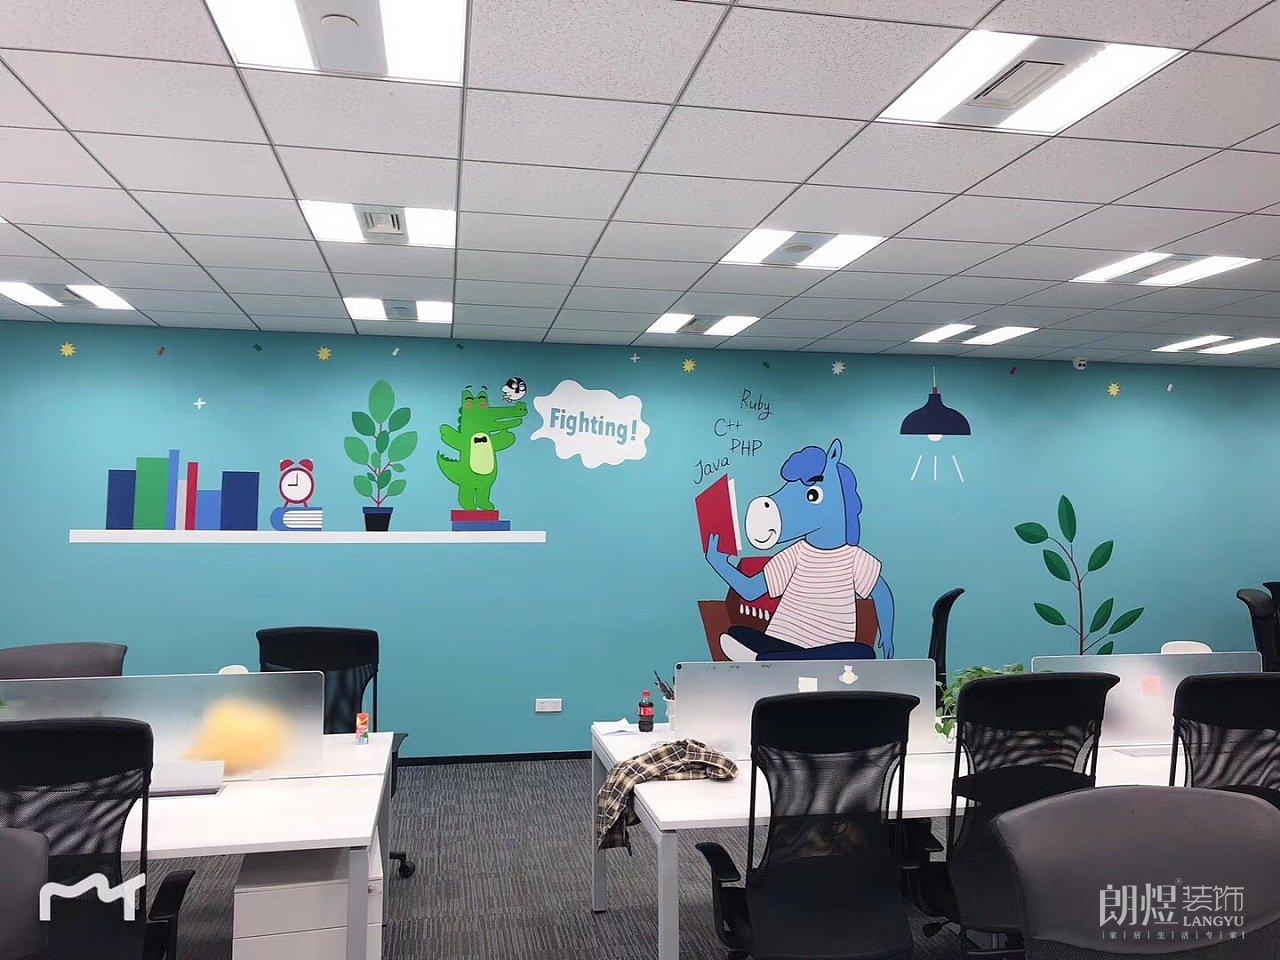 创意办公室文化墙手绘设计效果图分享